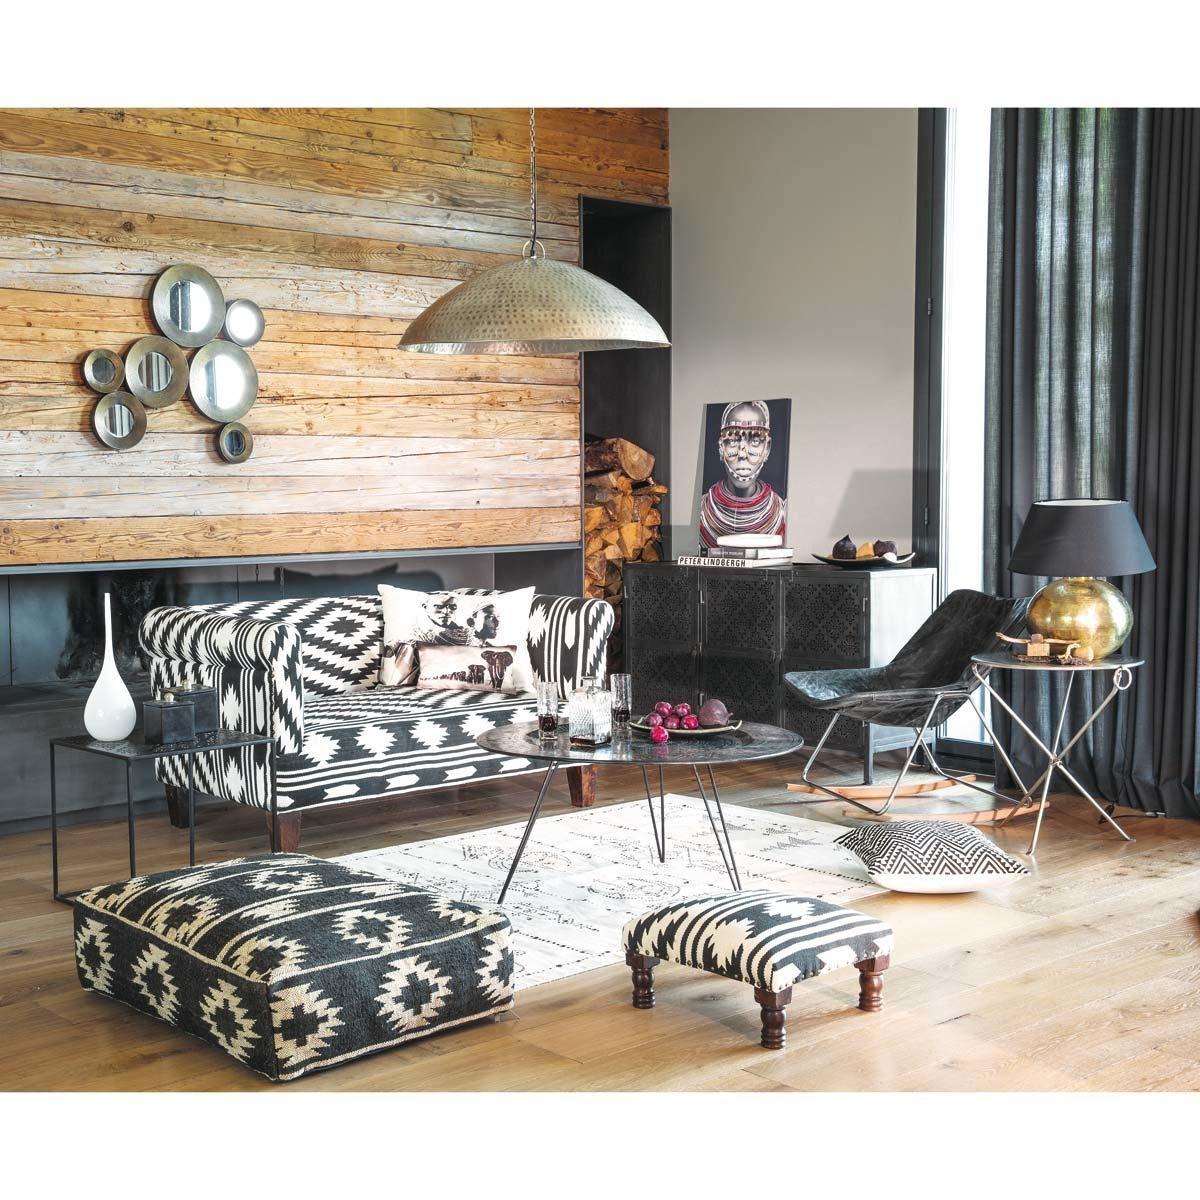 table basse ronde m tal khalife inspiration ethnique en 2018 pinterest tables basses. Black Bedroom Furniture Sets. Home Design Ideas